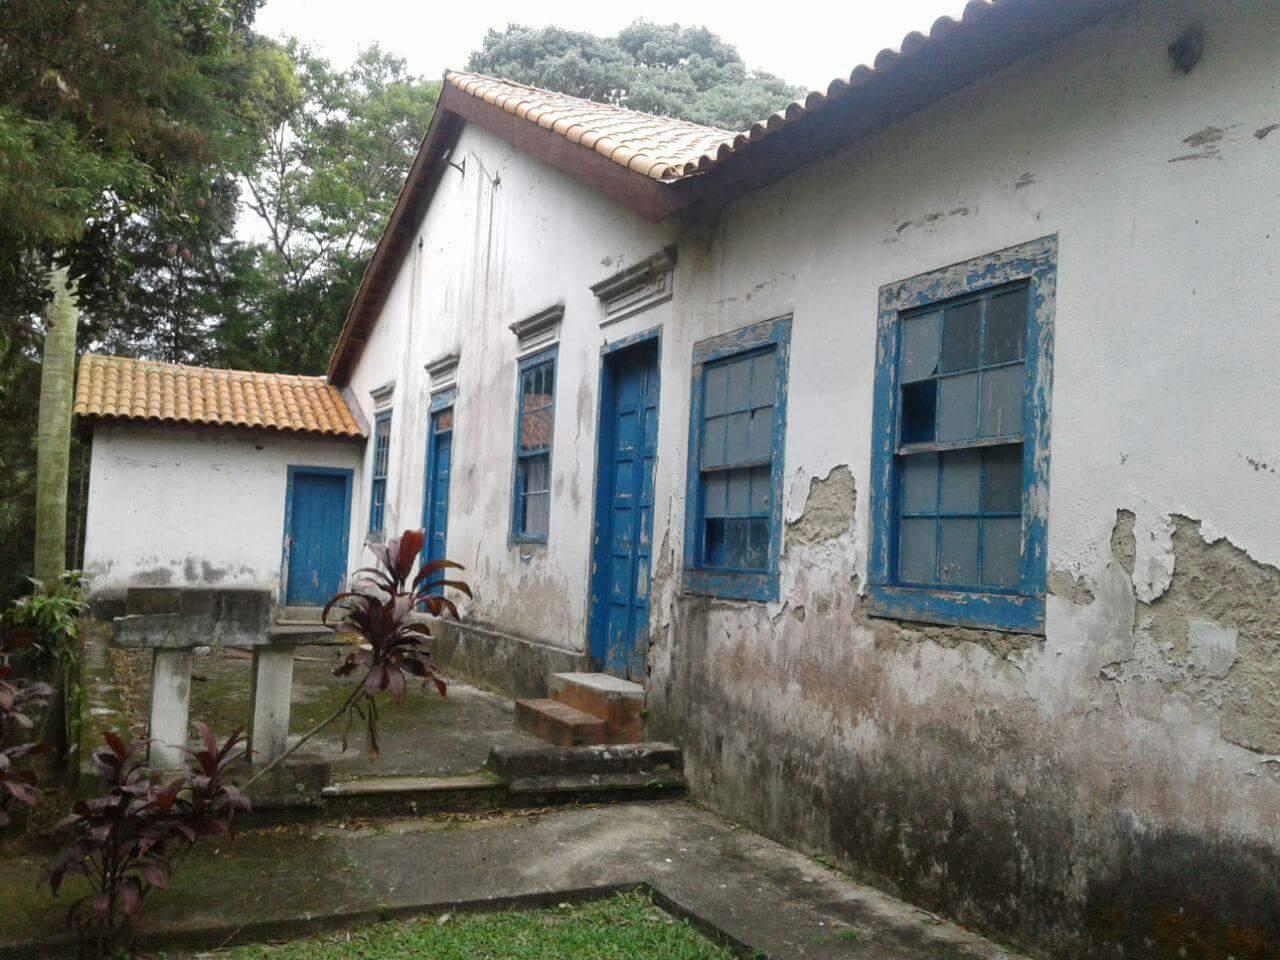 Detalhe externo do Casarão Afonso Sardinha. Foto: Robson Maziero